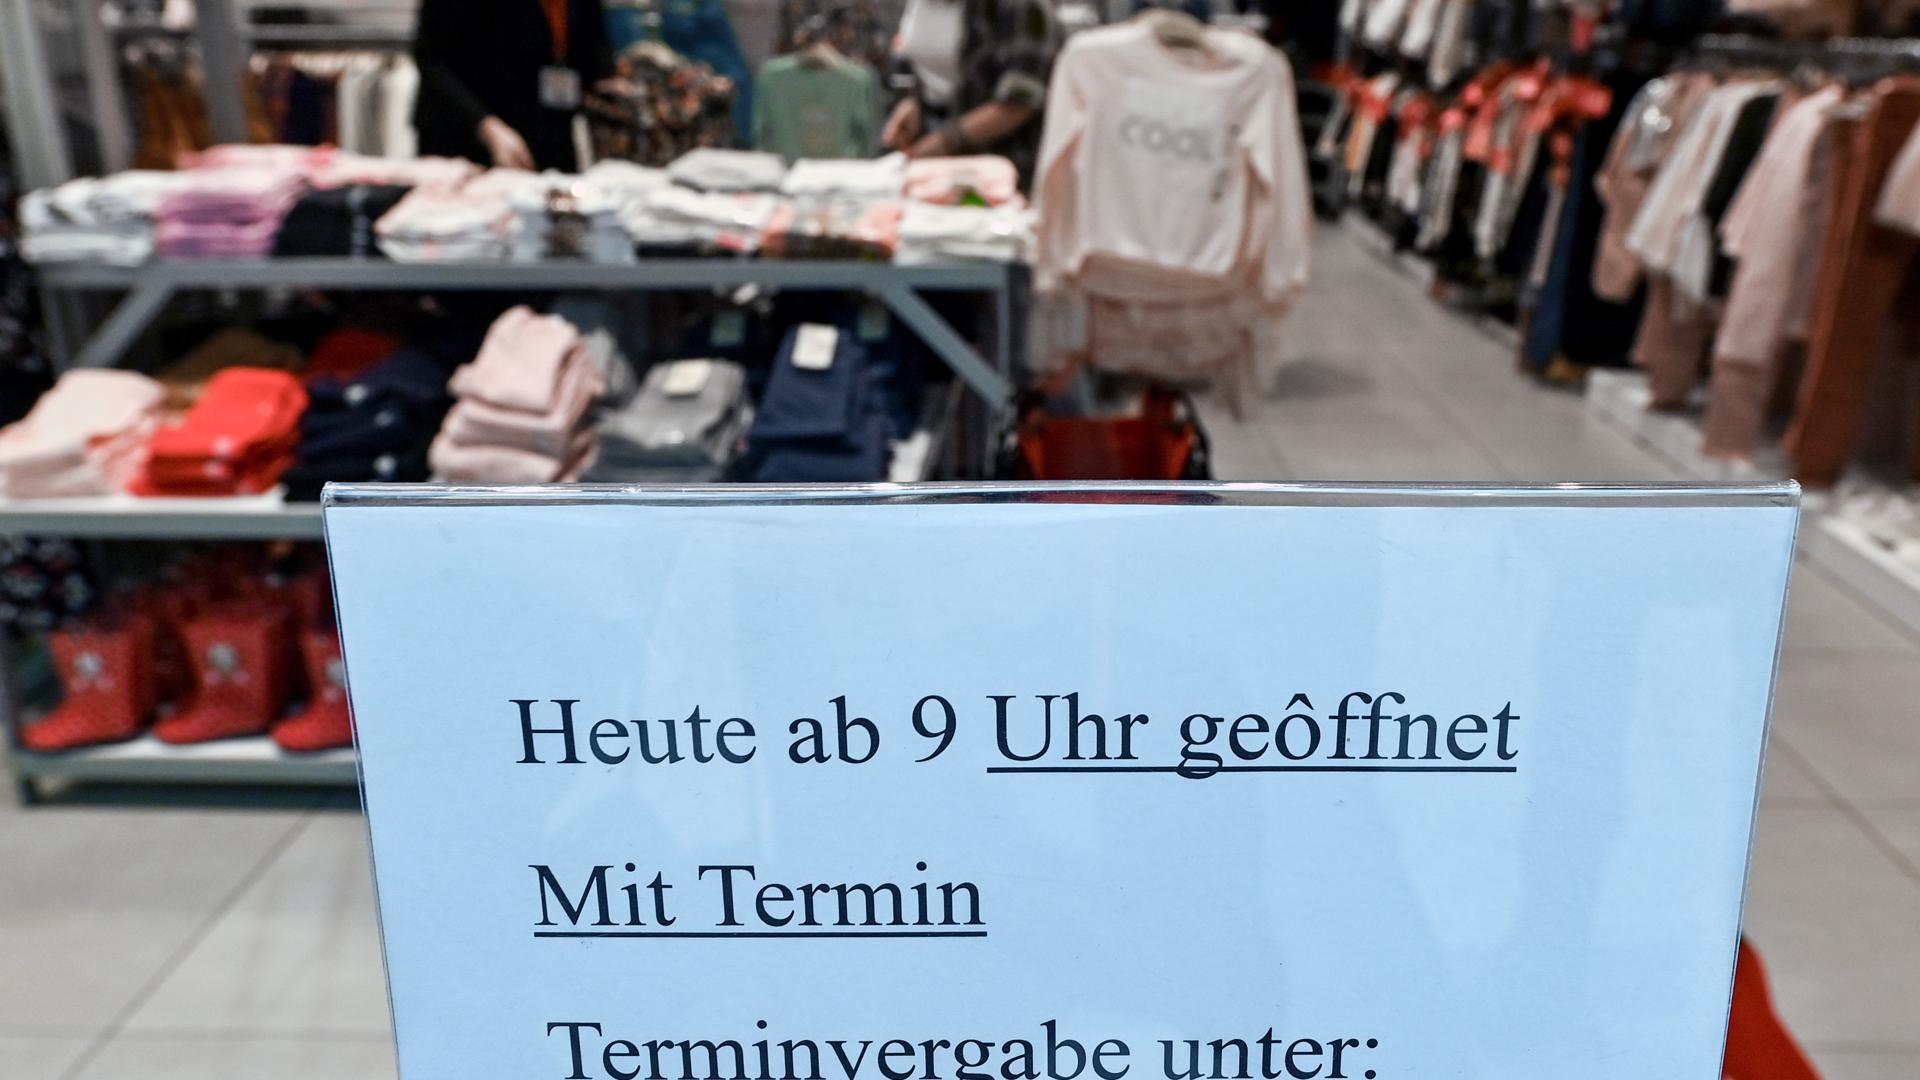 """Geöffnet mit Einschränkungen: Einzelhändler dürfen jetzt wieder """"Click&Meet"""", also Einkaufen mit Termin anbieten."""